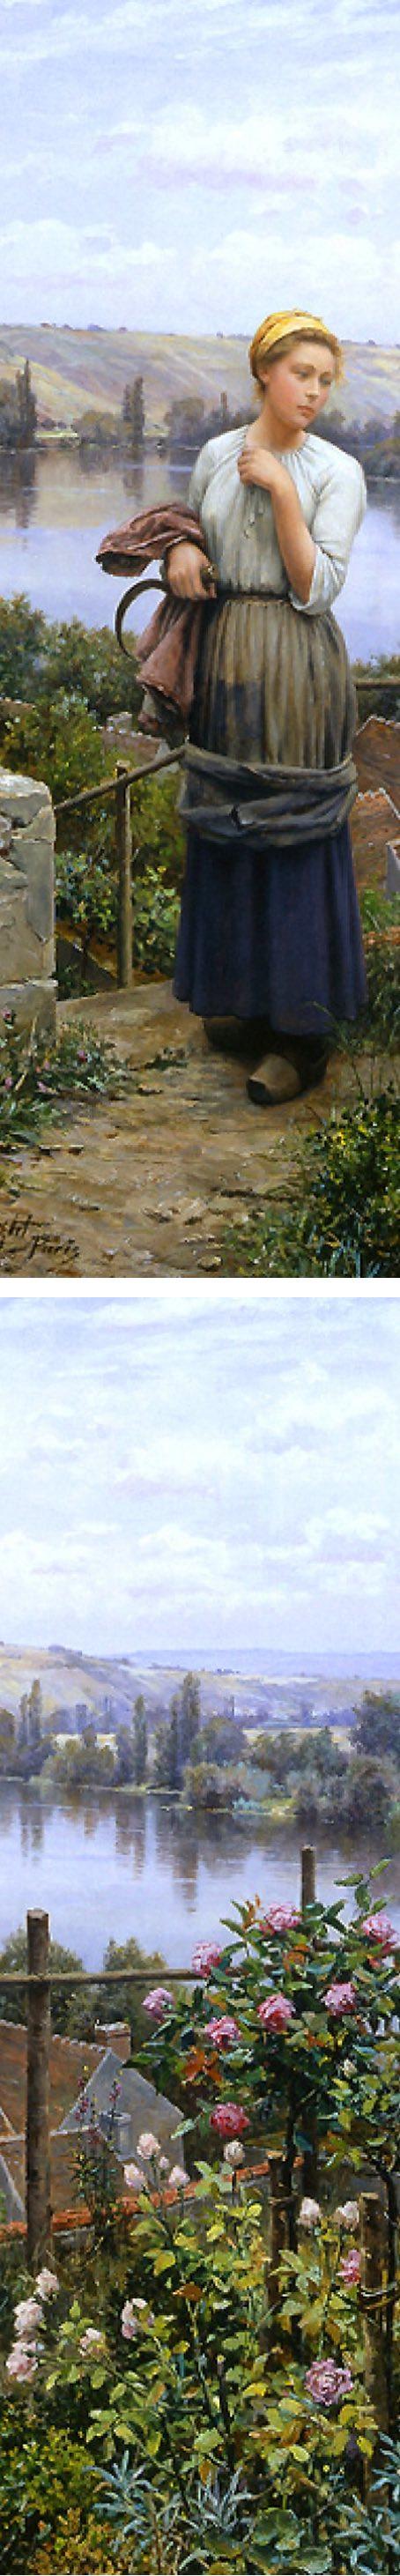 Daniel Ridgway Knight figure in landscape (details)